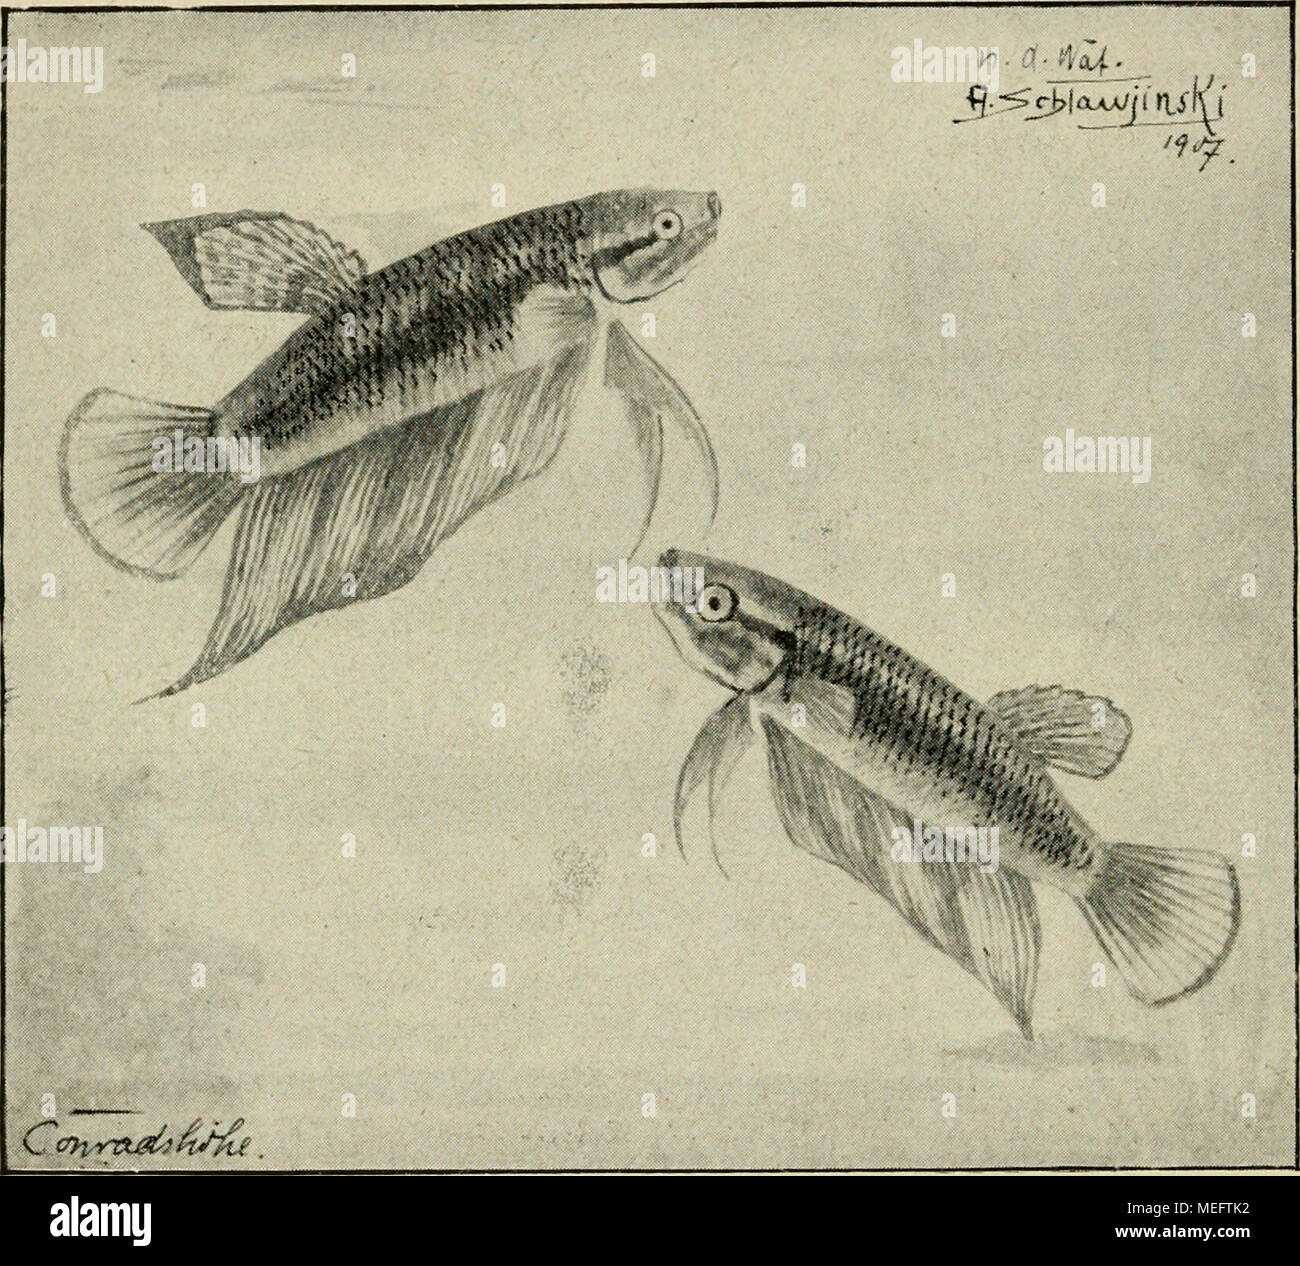 Nett Tropische Fische Färbung Seite Fotos - Beispielzusammenfassung ...